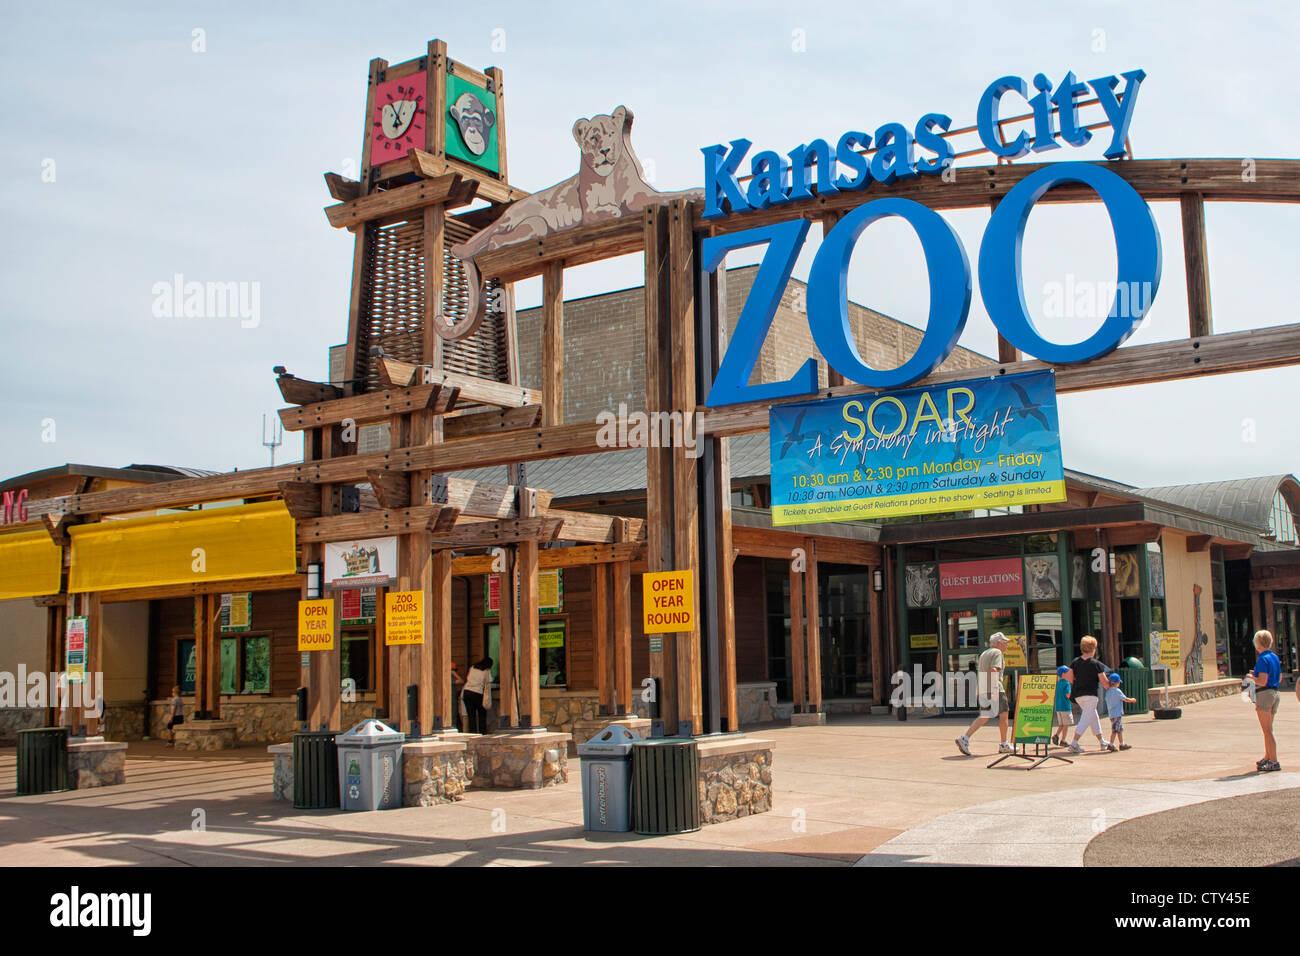 Kansas City Zoo - Stock Image